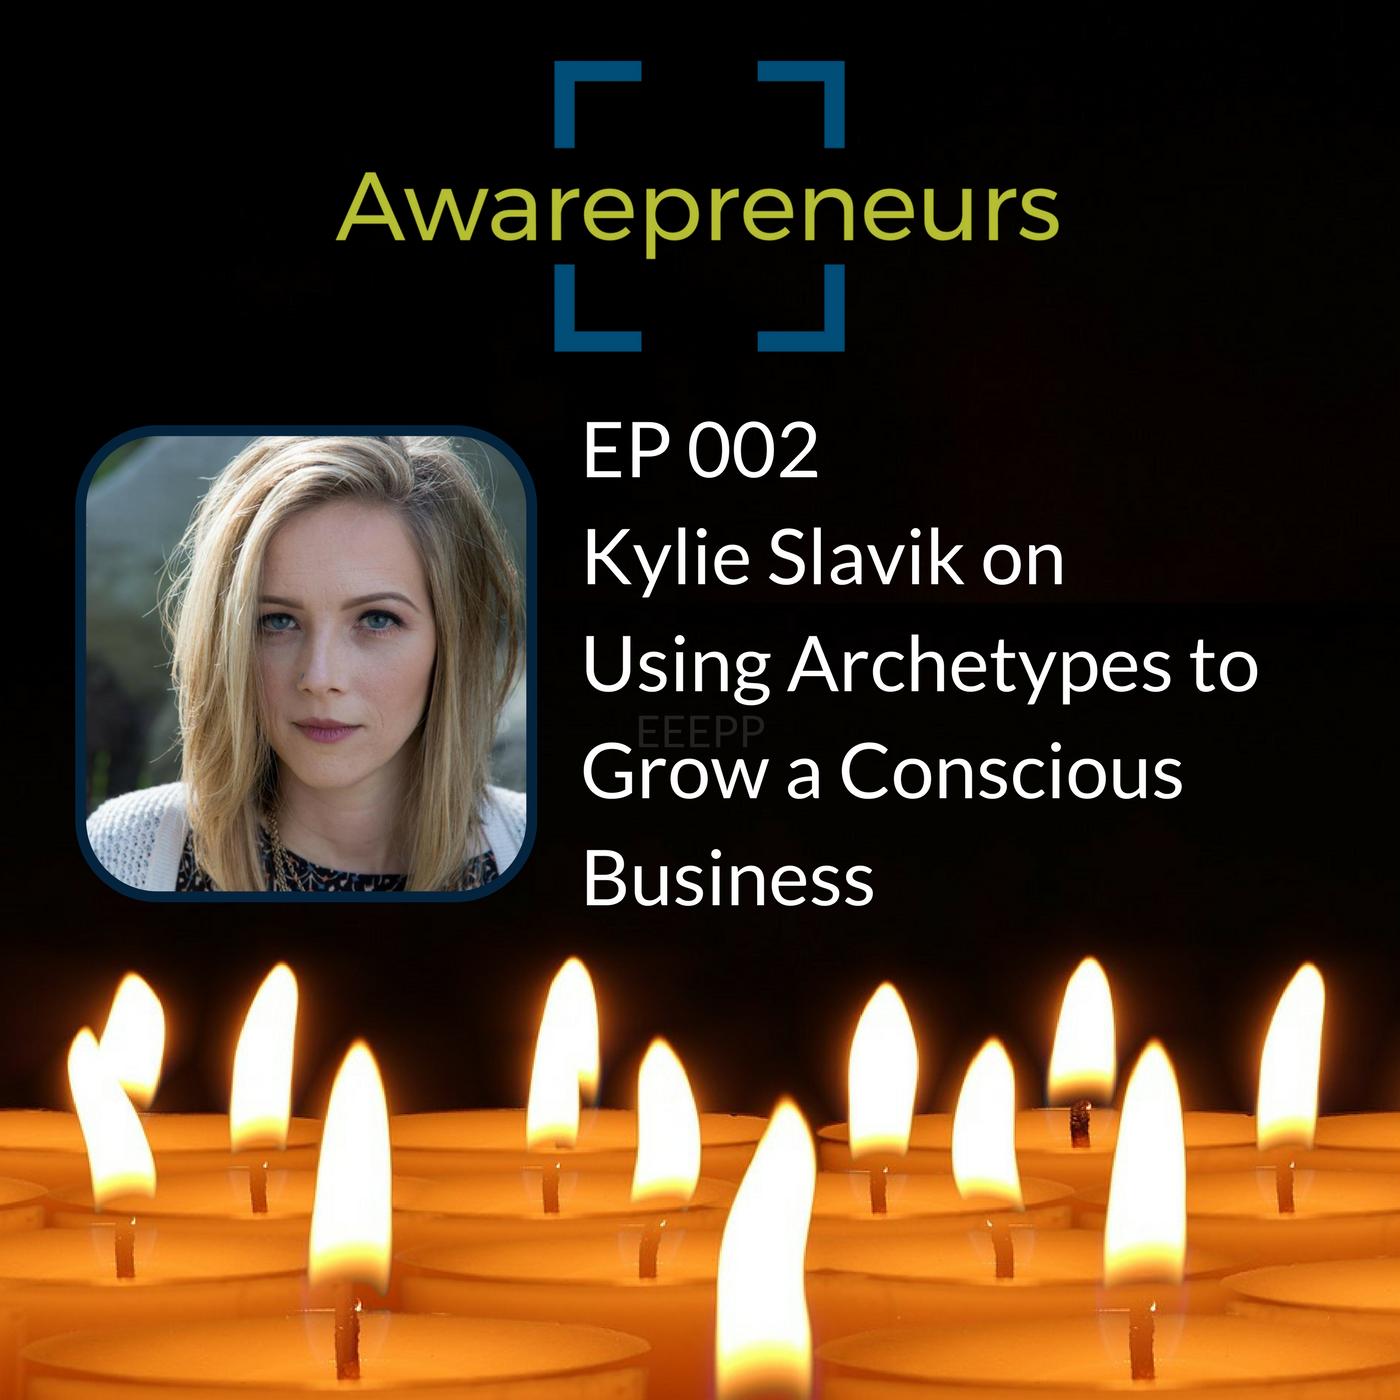 Kylie Slavik on the Awarepreneurs podcast